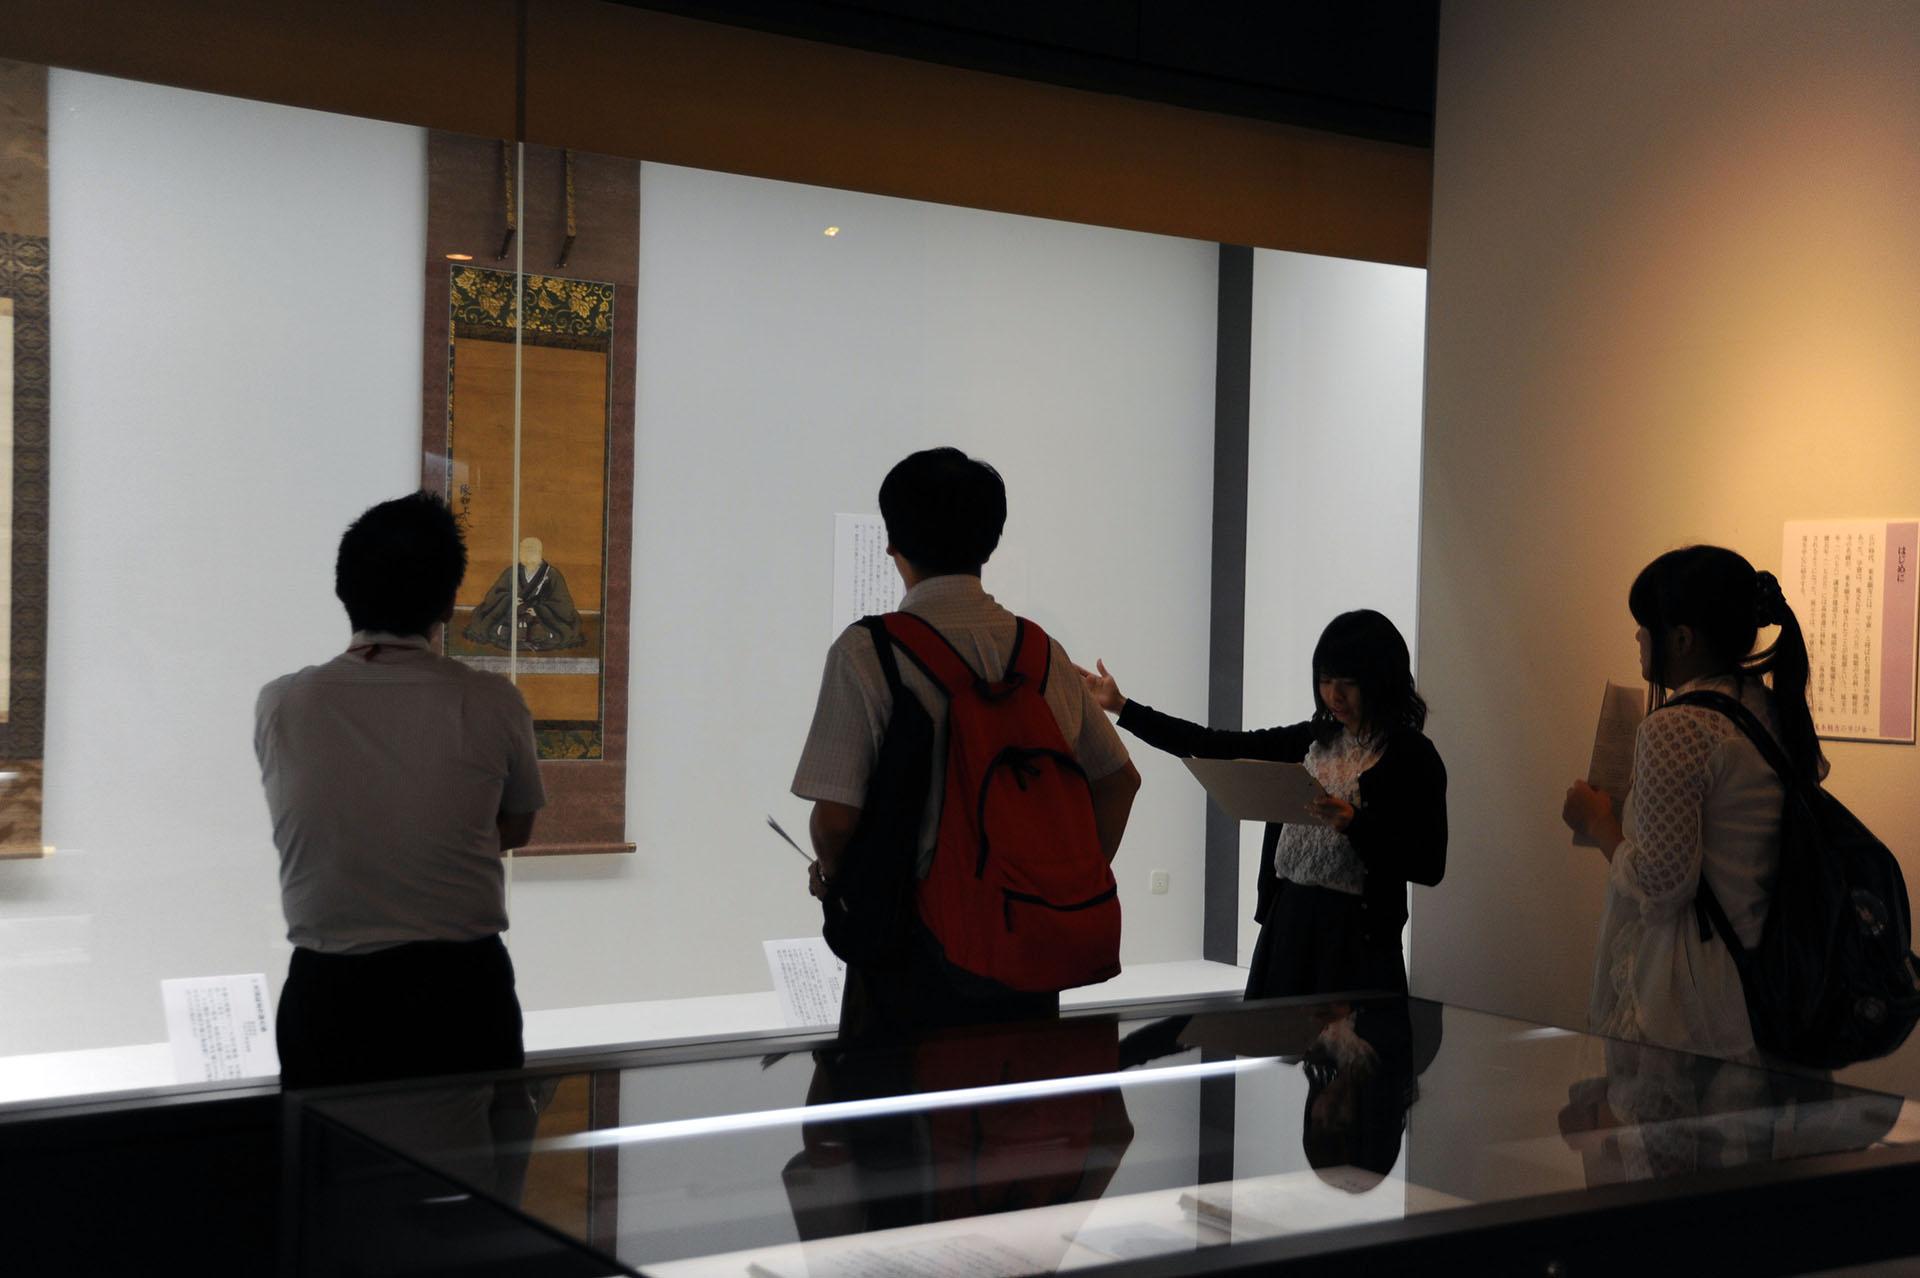 真宗・仏教文化財の保管、調査研究、普及を目指す大谷大学博物館 -- 企画力、分析力など社会に通用する力を養成する「実習生展」を開催